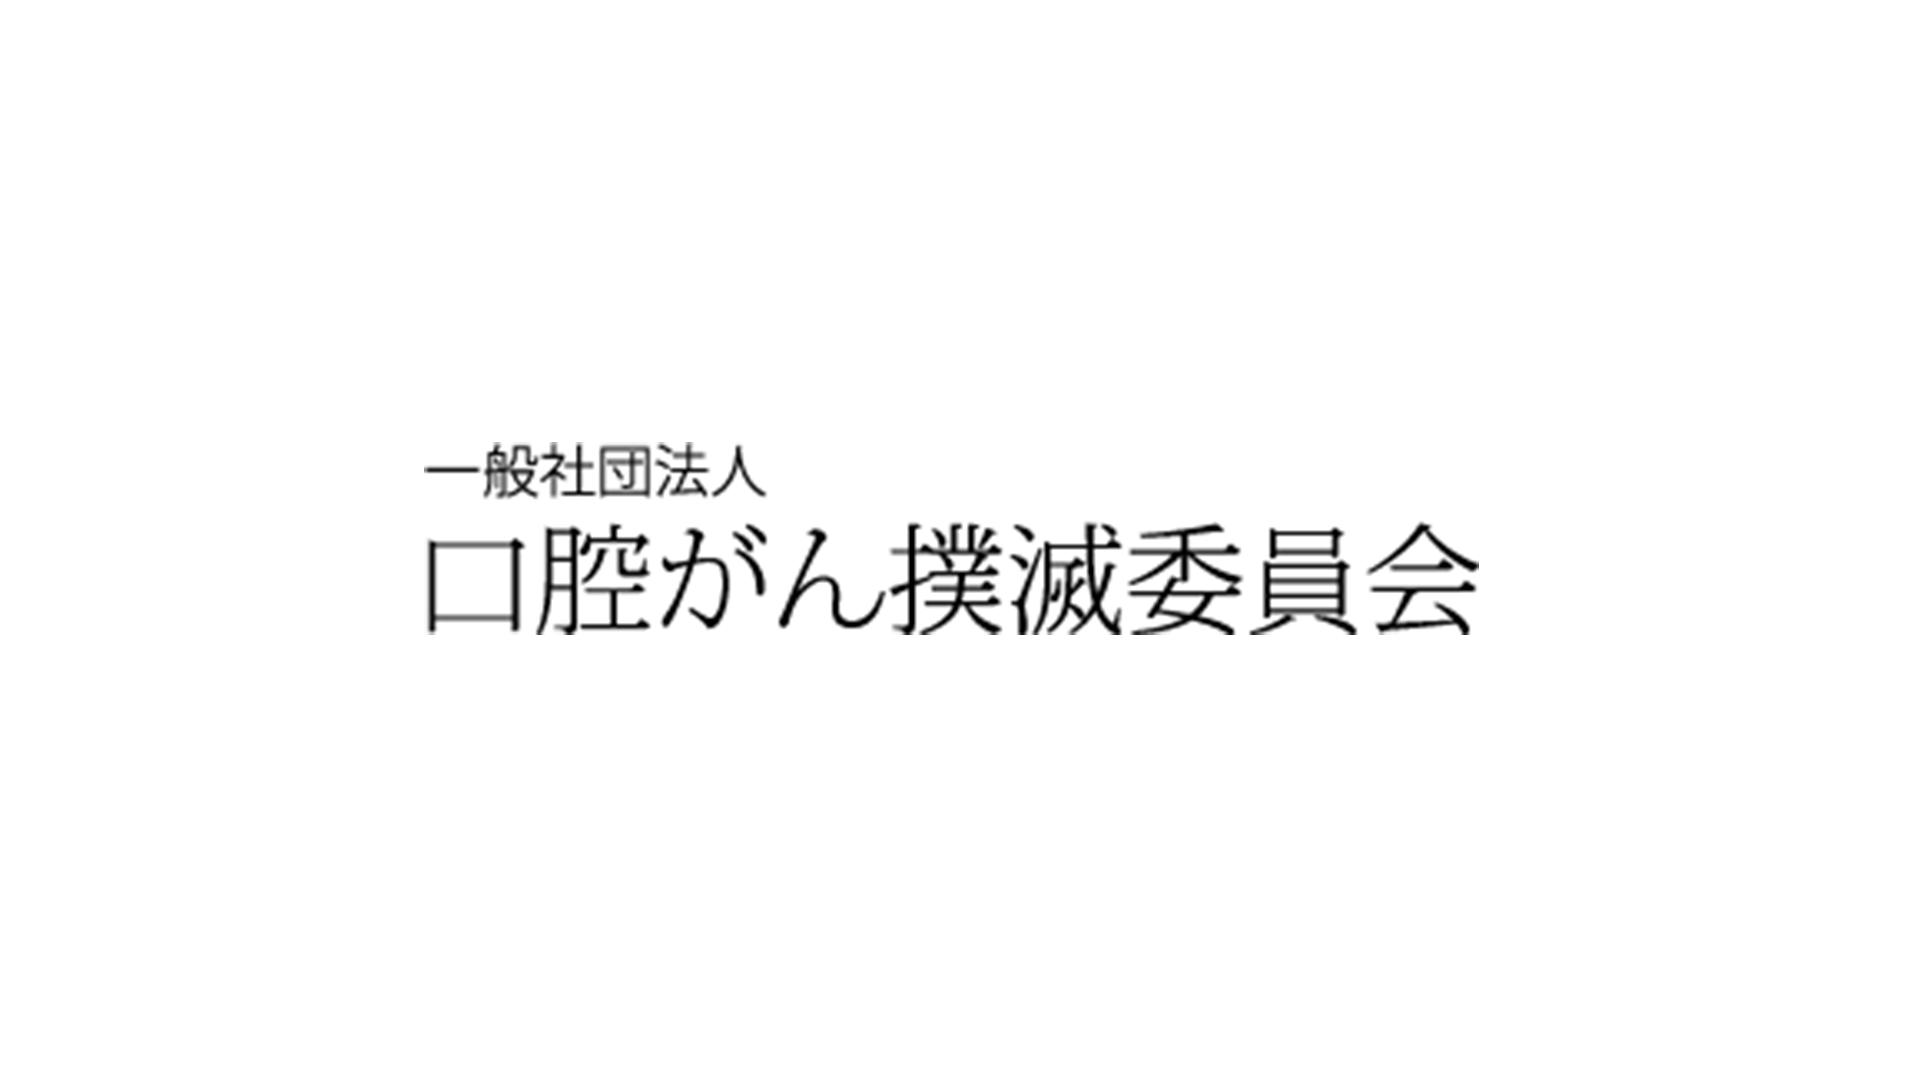 一般社団法人 口腔がん撲滅委員会